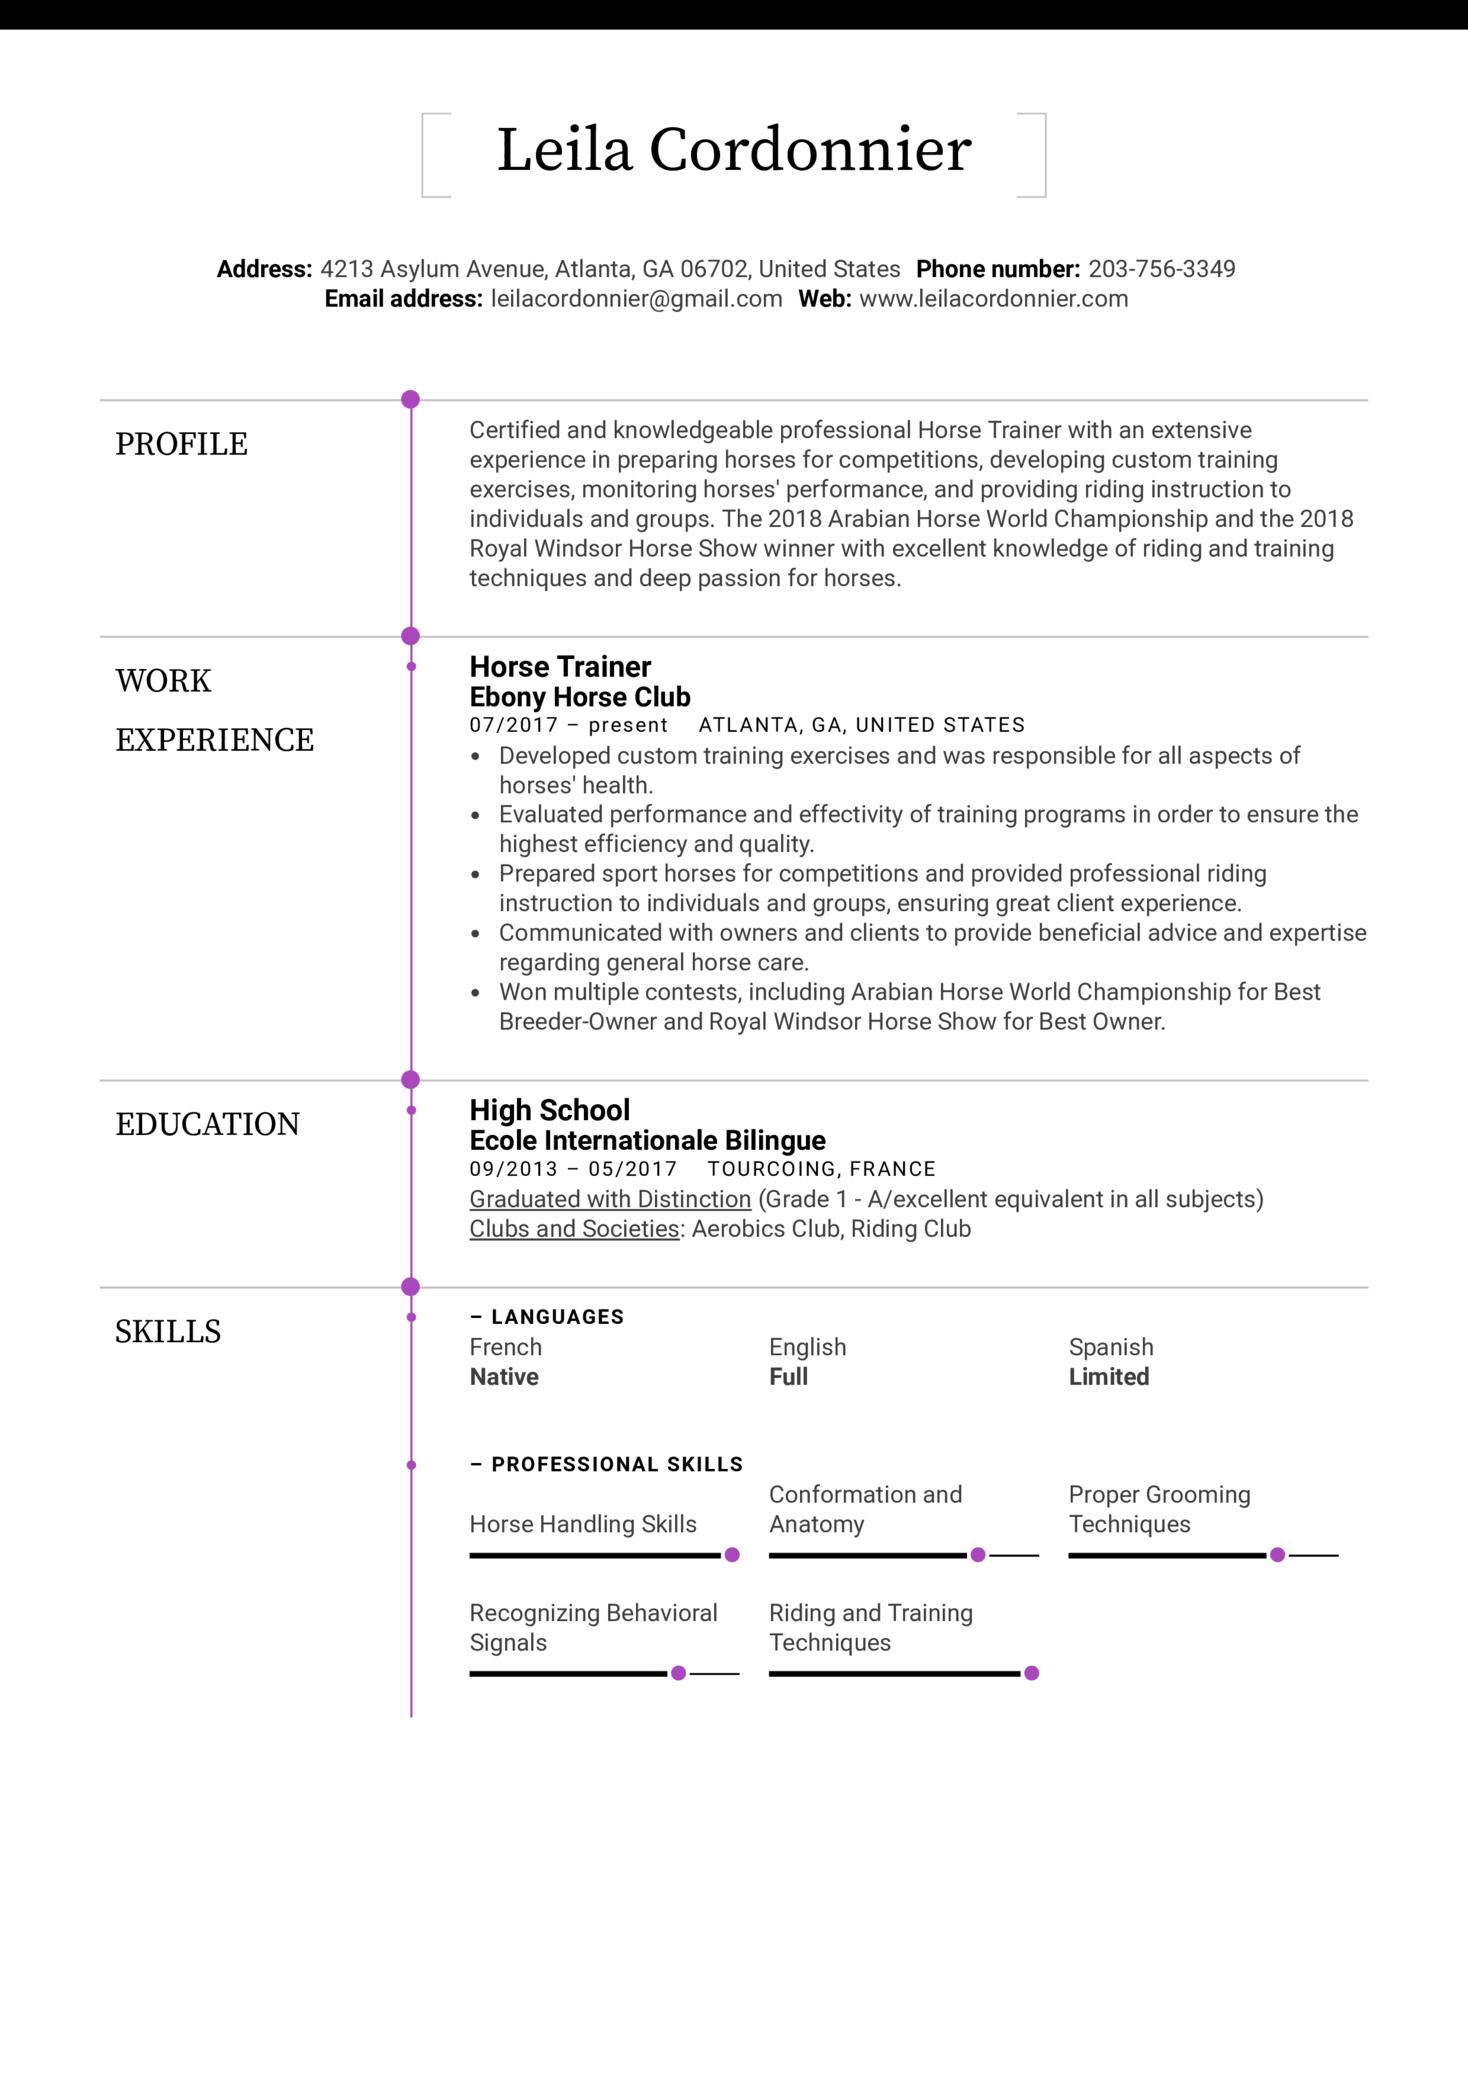 Horse Trainer Resume Sample (Parte 1)